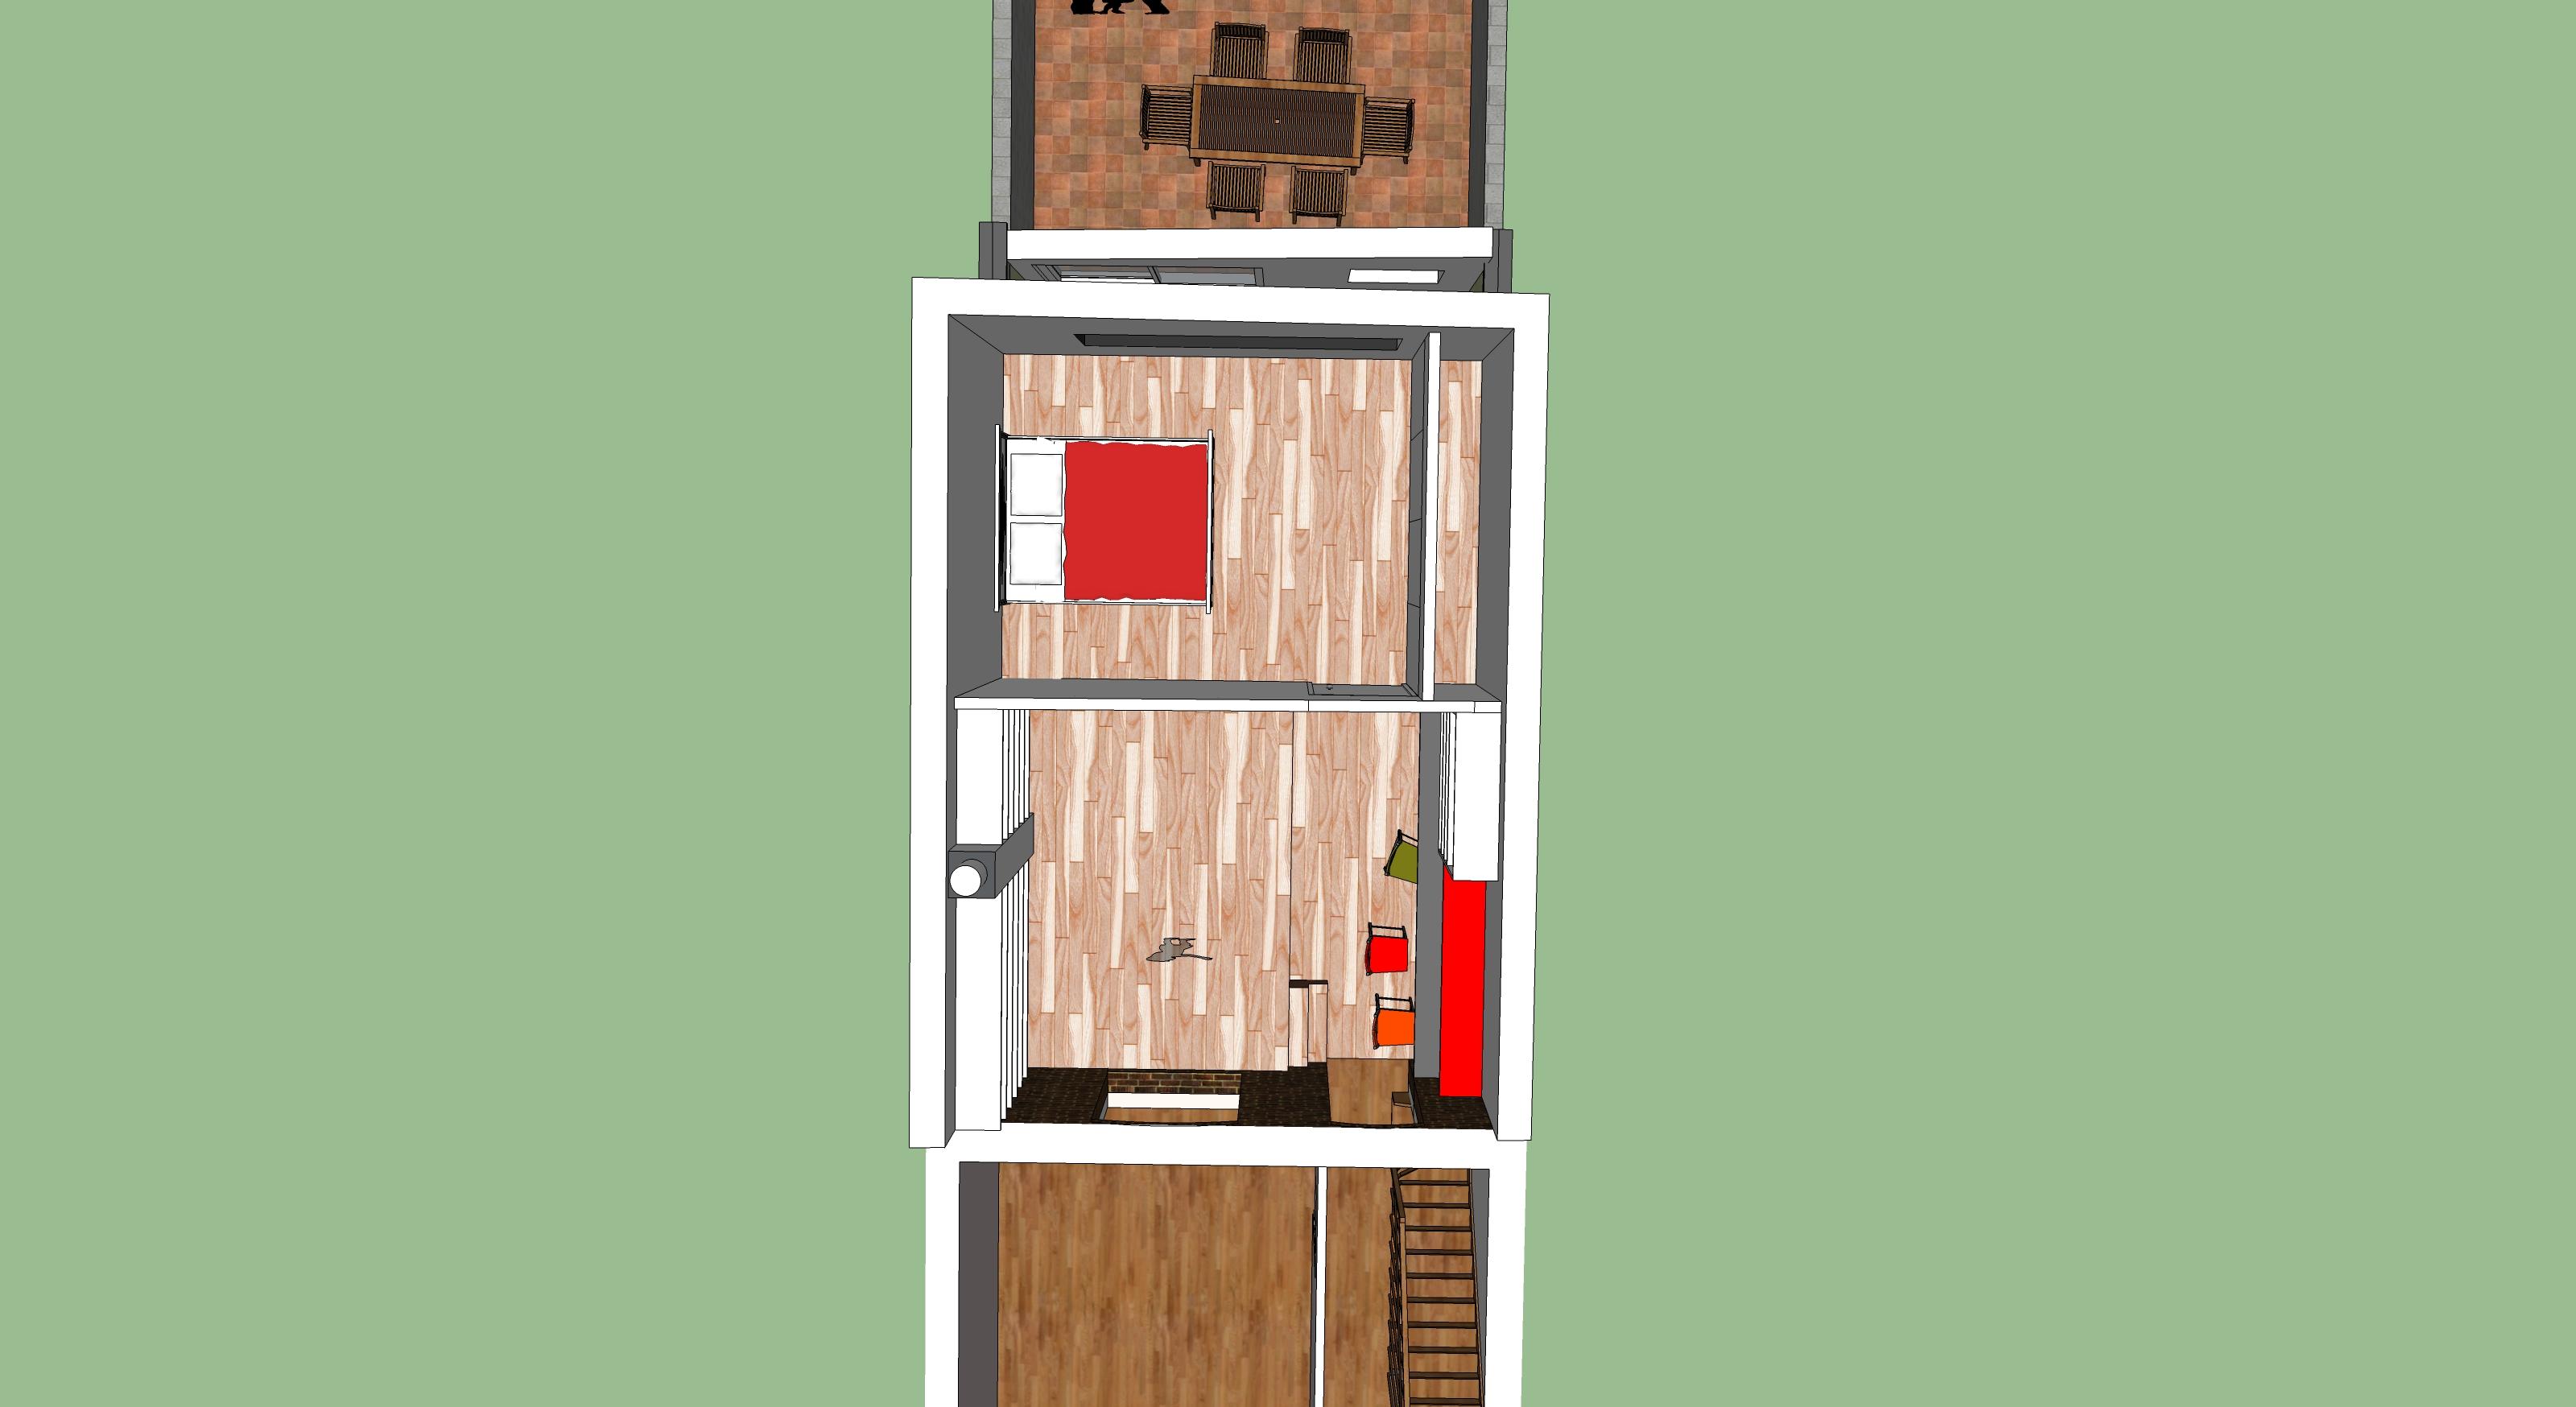 3D-MONFRONT-PROJET-V3-19-02-14étage